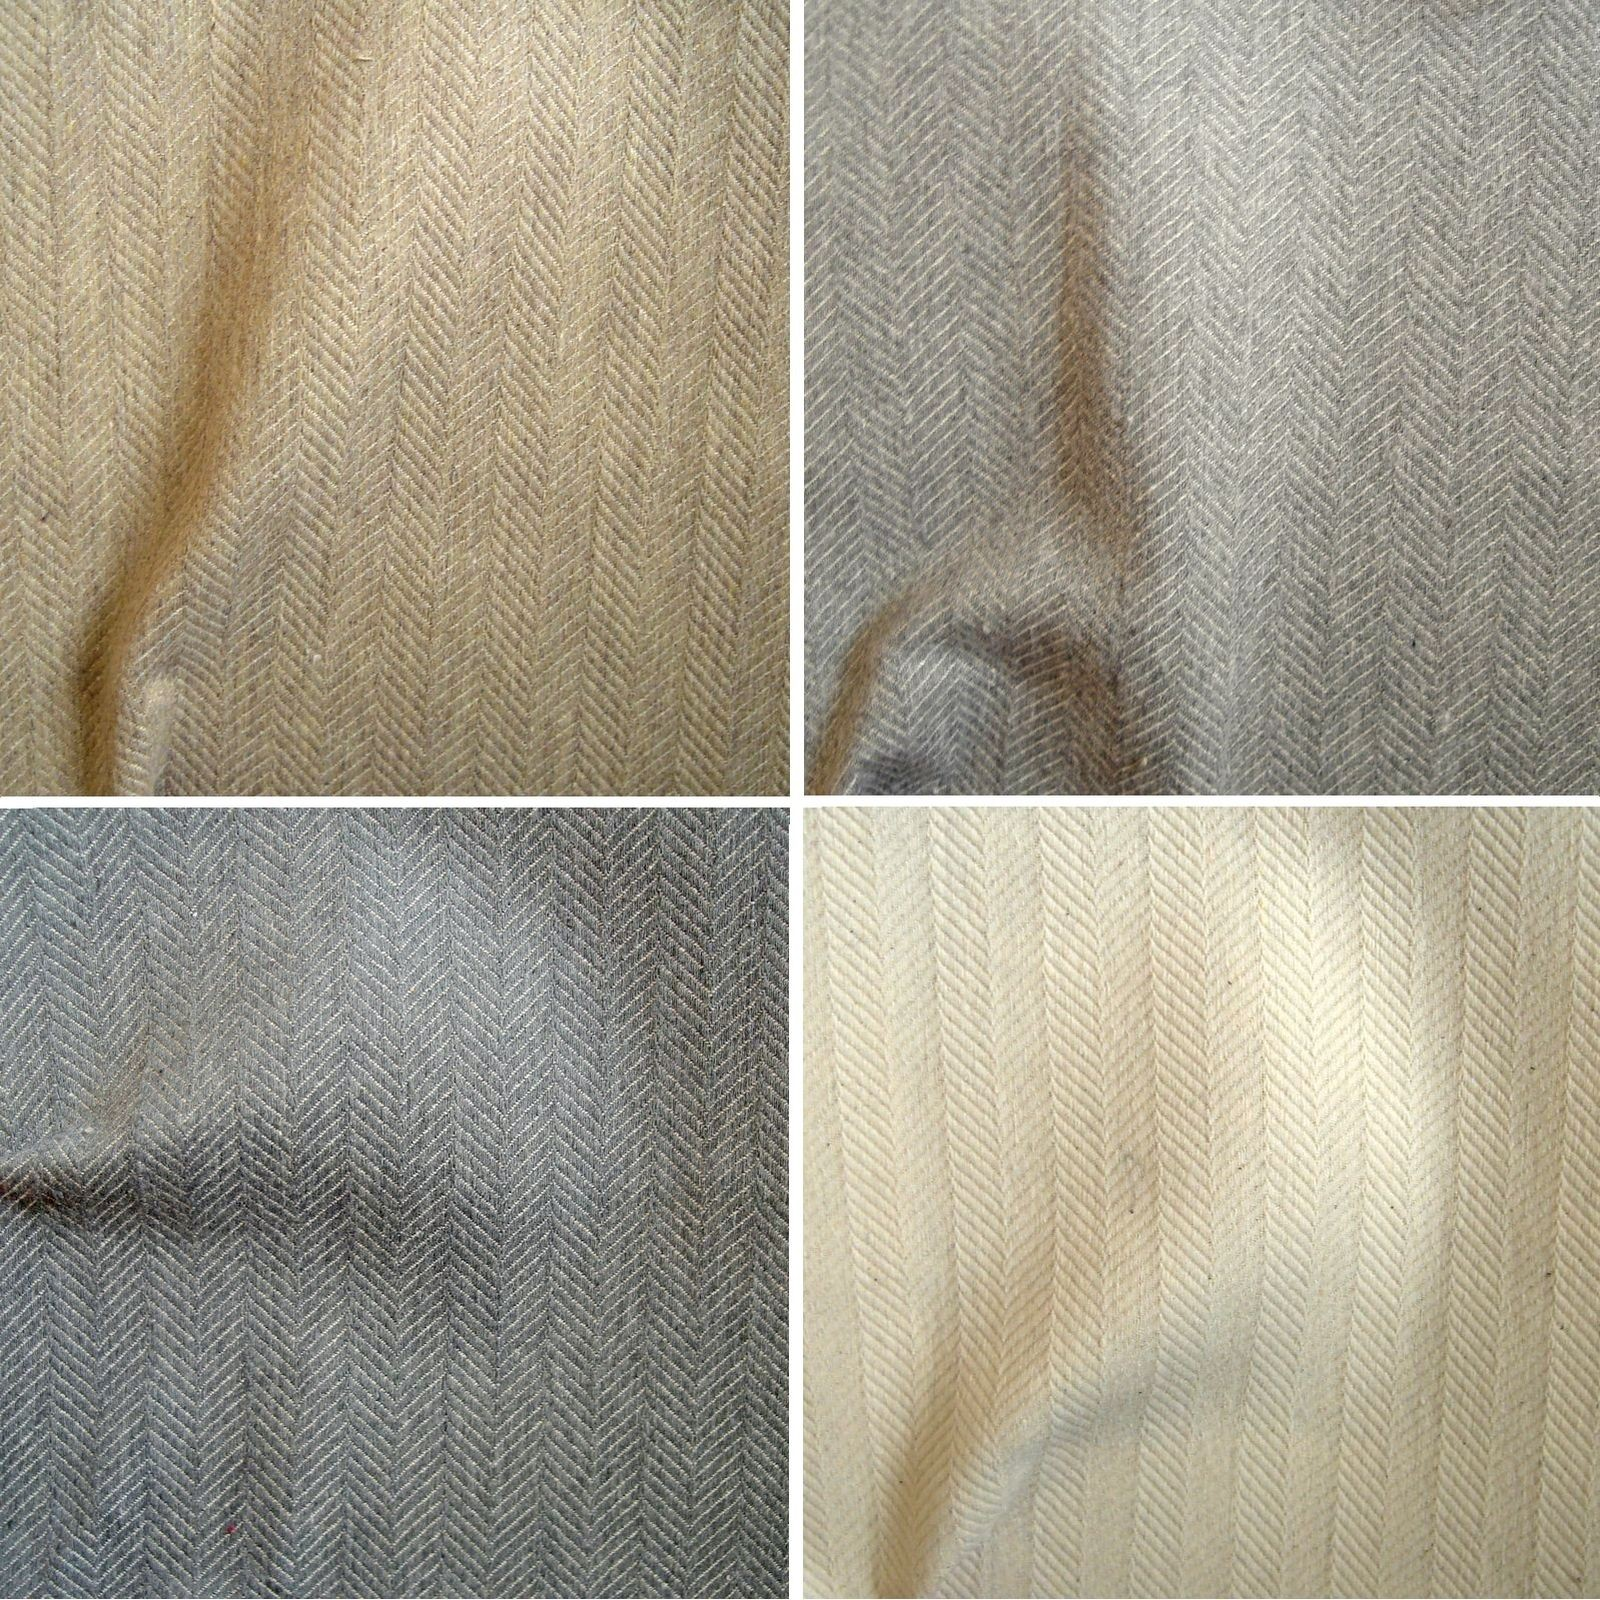 Tissus rideaux haut de gamme 55583 rideau id es - Tissus d ameublement haut de gamme ...